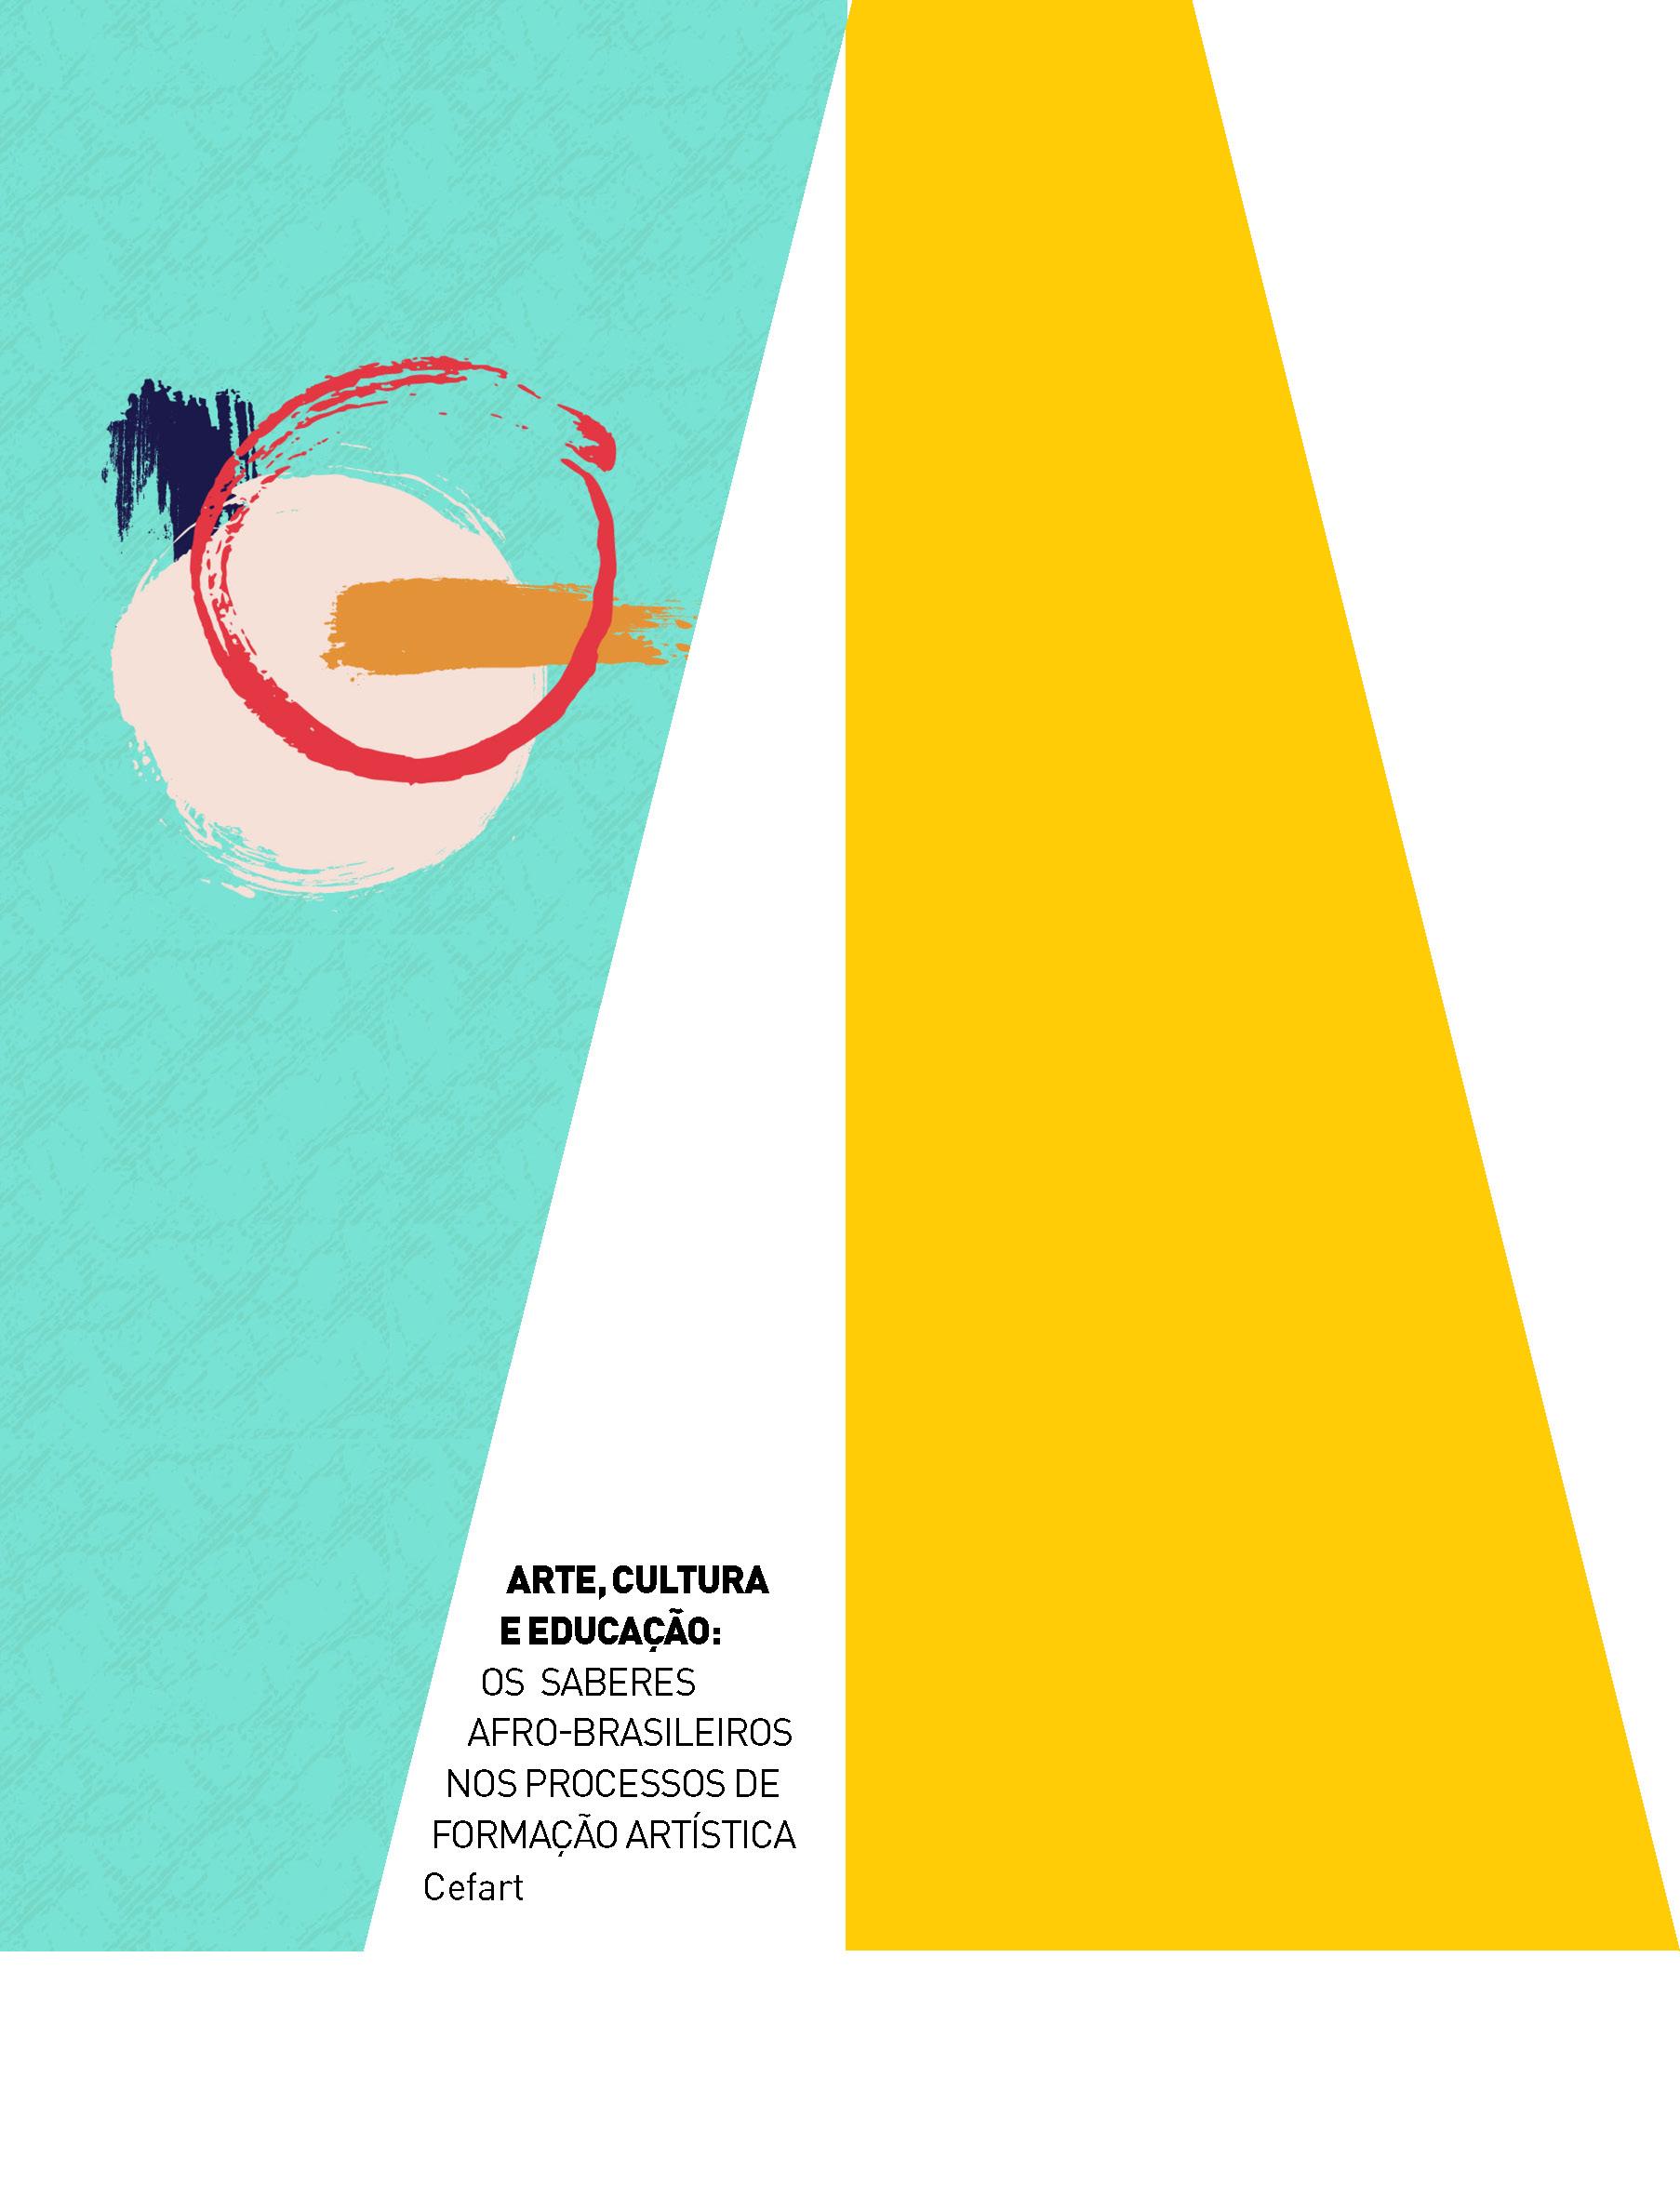 Evento: Arte, Cultura e Educação: os saberes Afro-brasileiros nos processos de formação artística